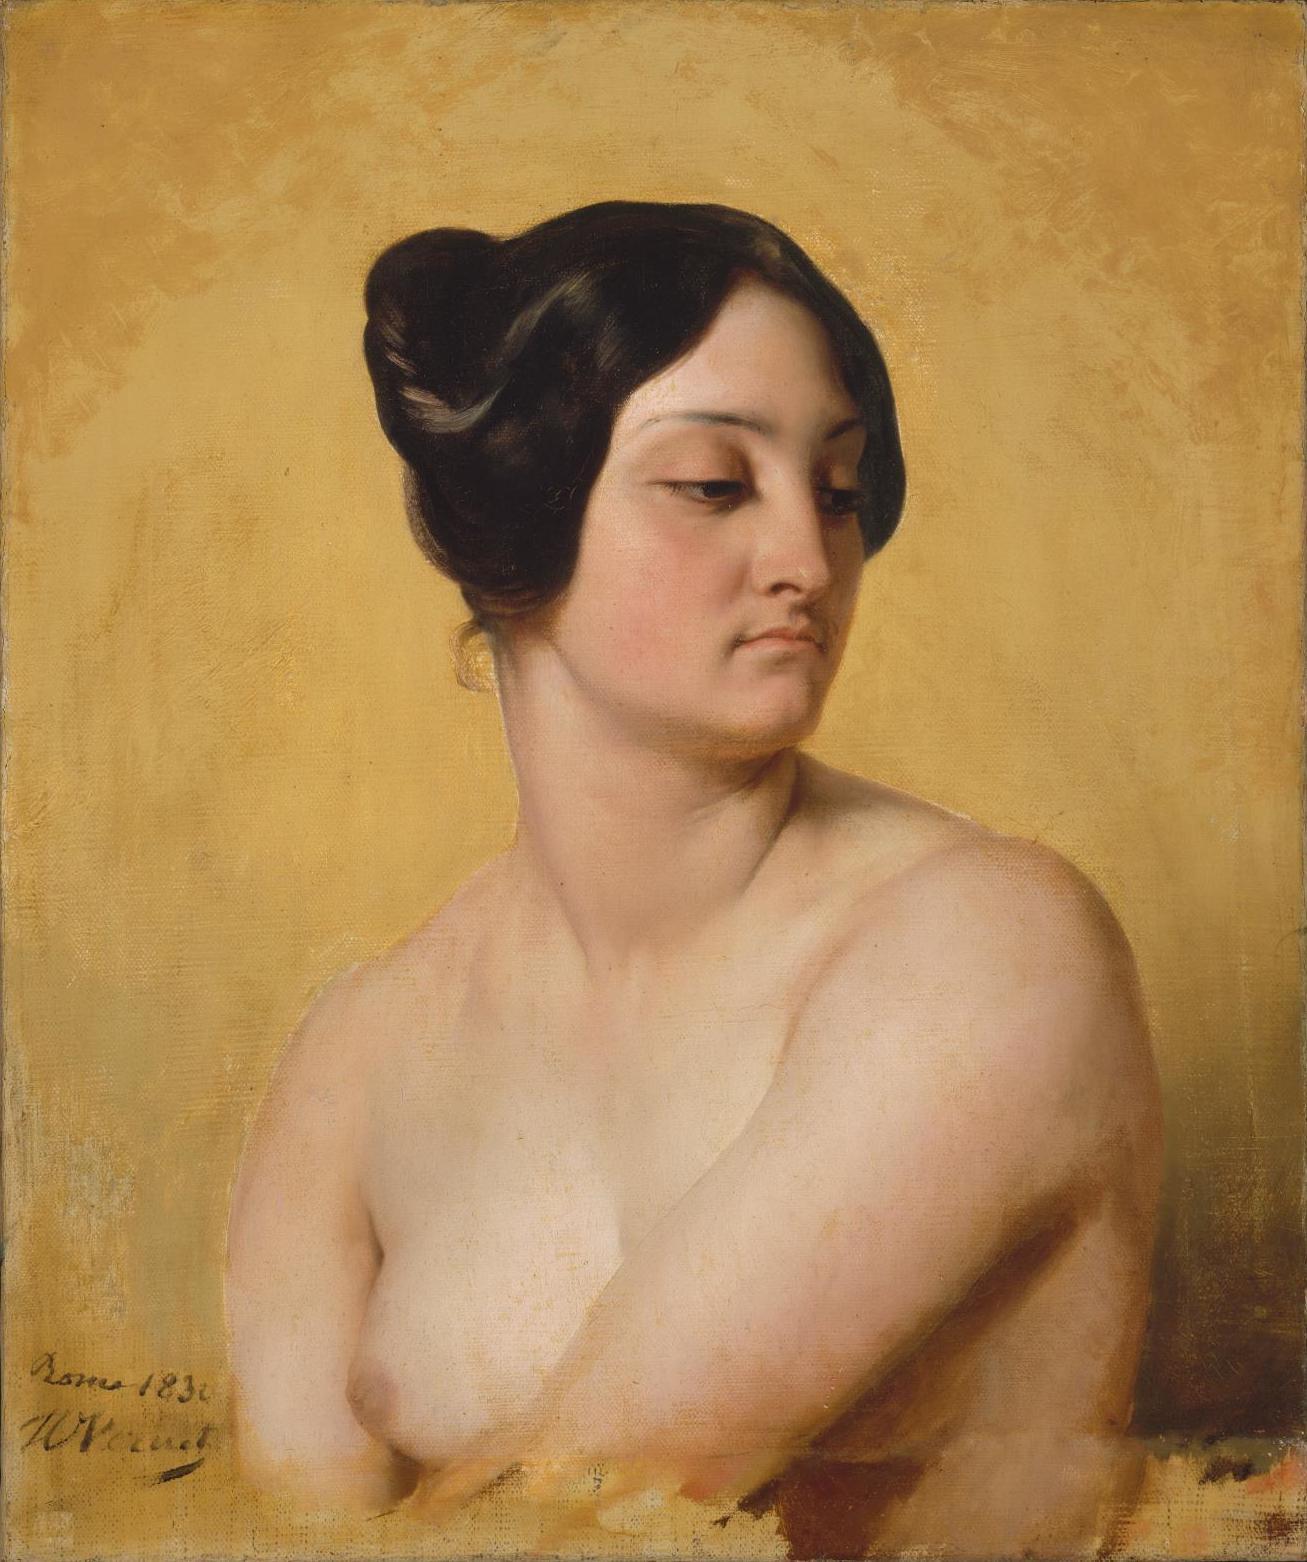 Olympe Pélissier